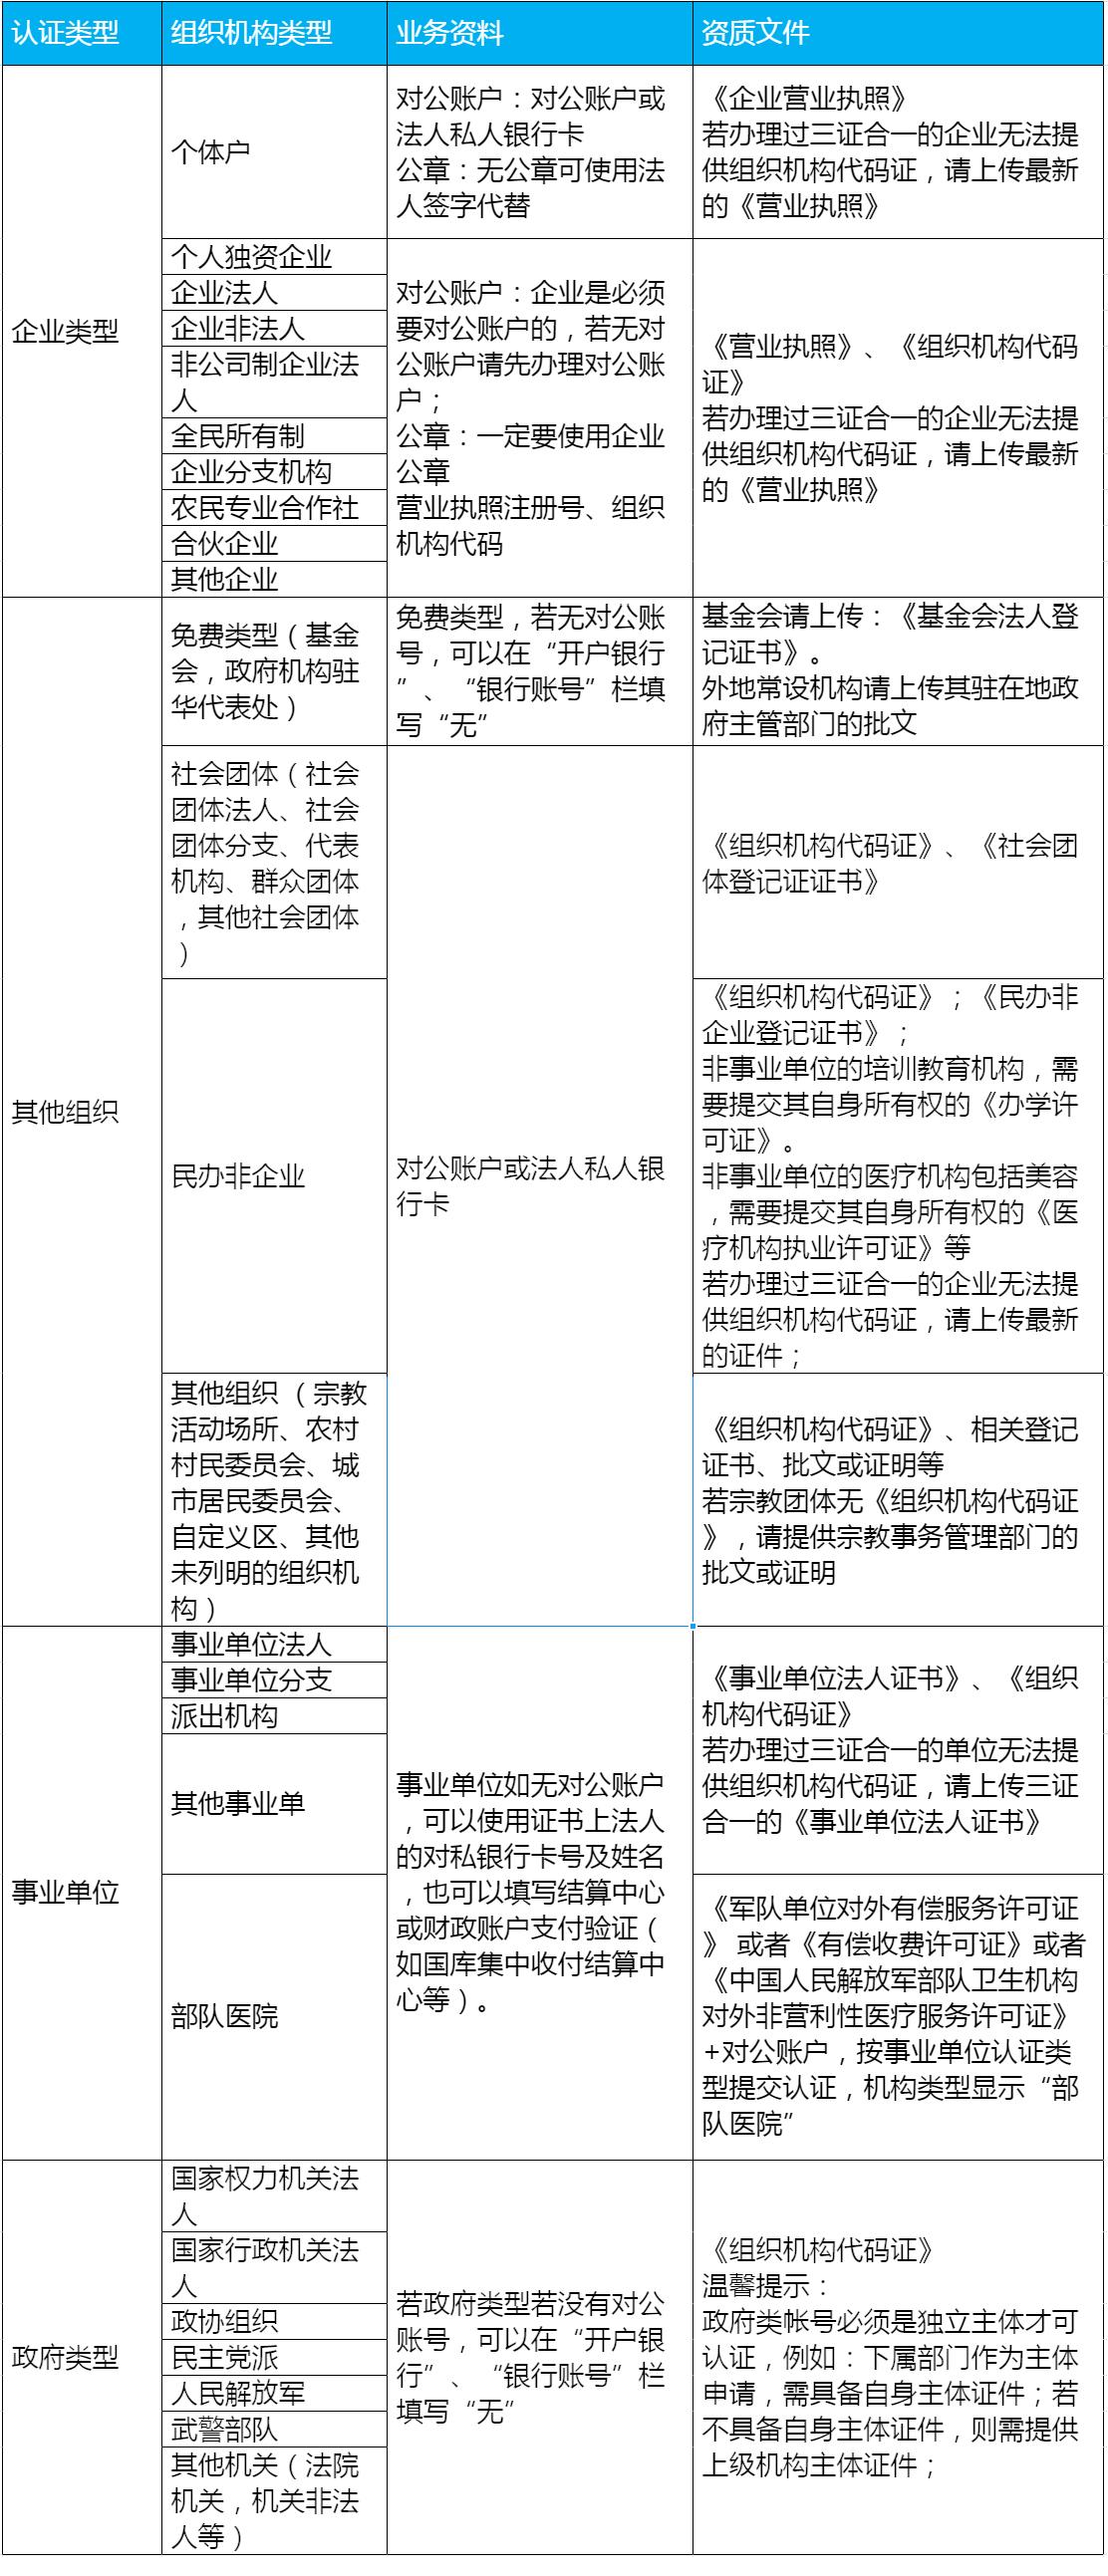 企业如何选择企业微信认证主体类型?有哪些类型可以认证?